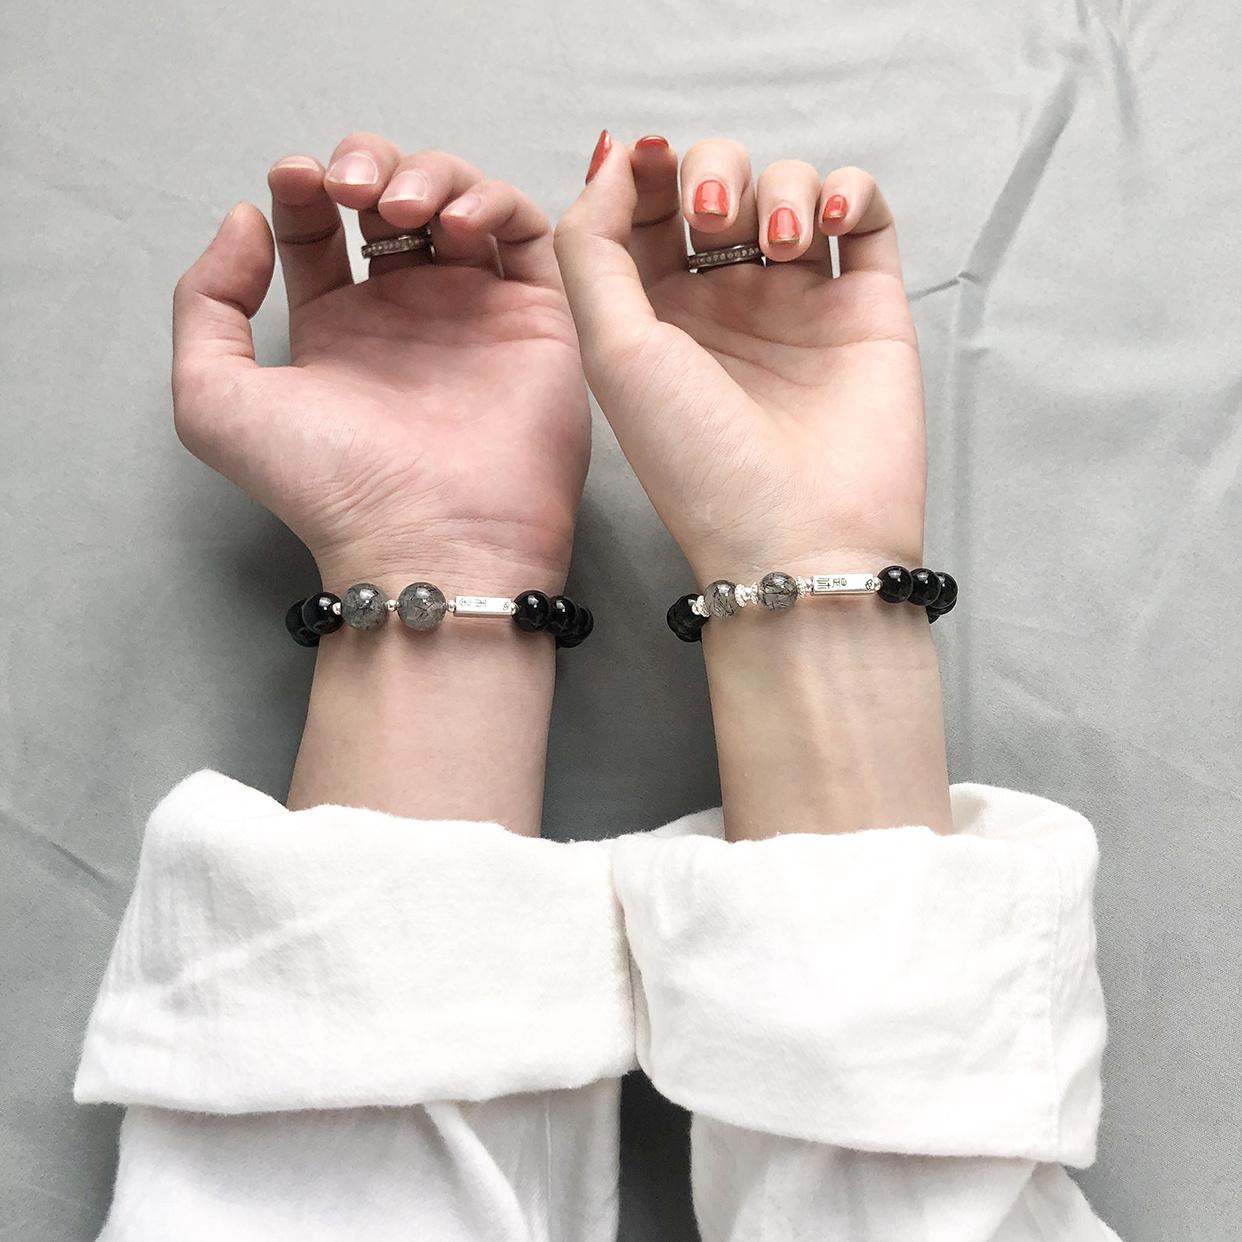 定制刻字黑曜石情侣手链女男士一对潮水晶纯银手串手饰品纪念礼物图片